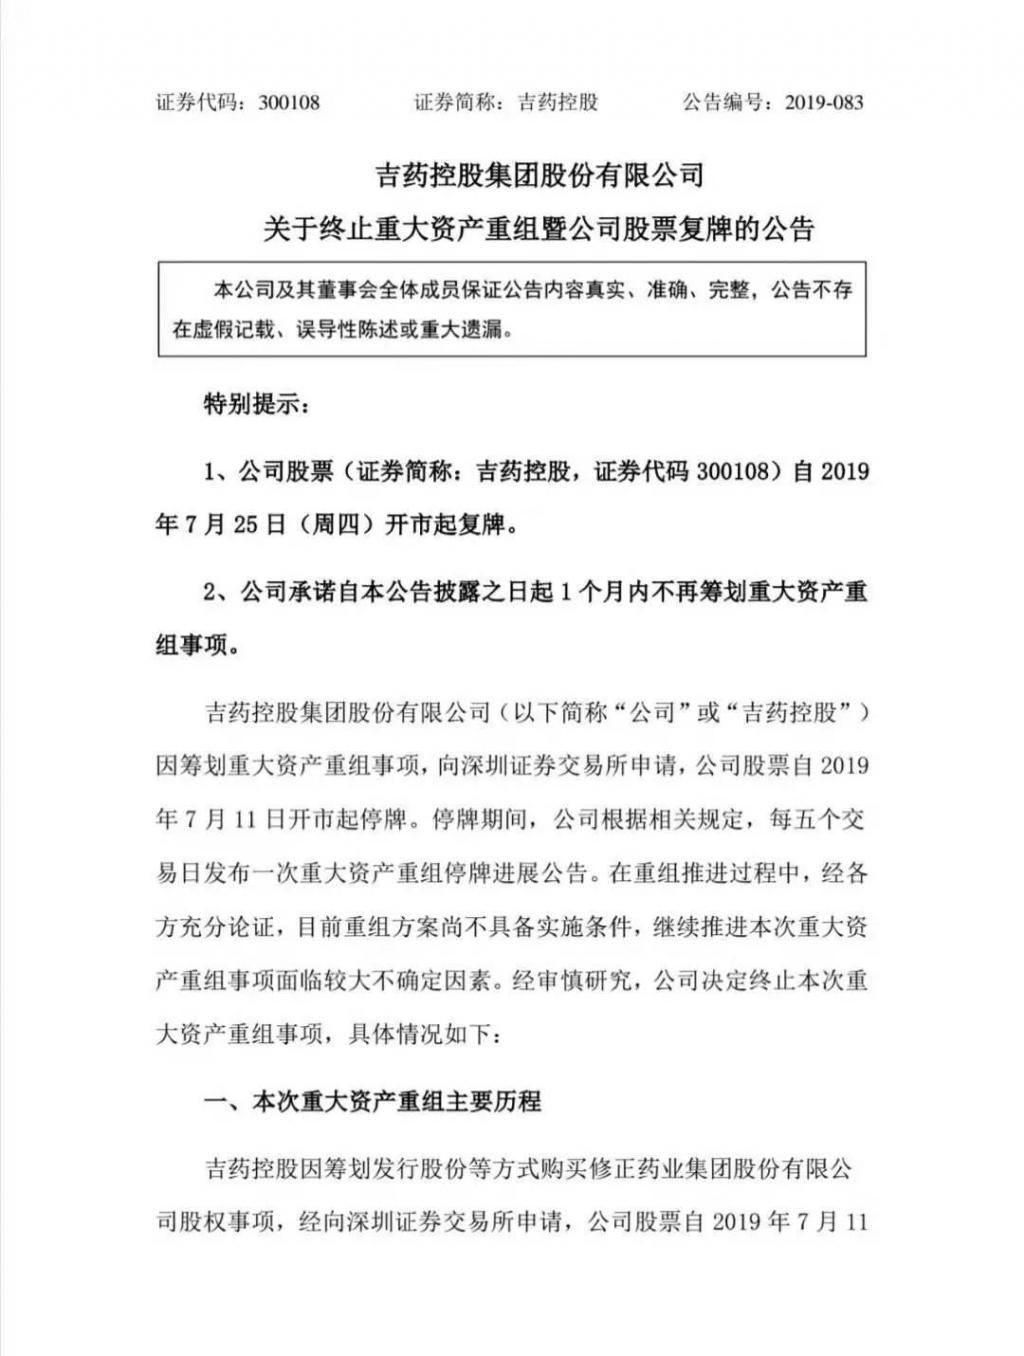 """吉林首富难圆上市梦修正药业""""借壳""""冲击A股搁浅"""